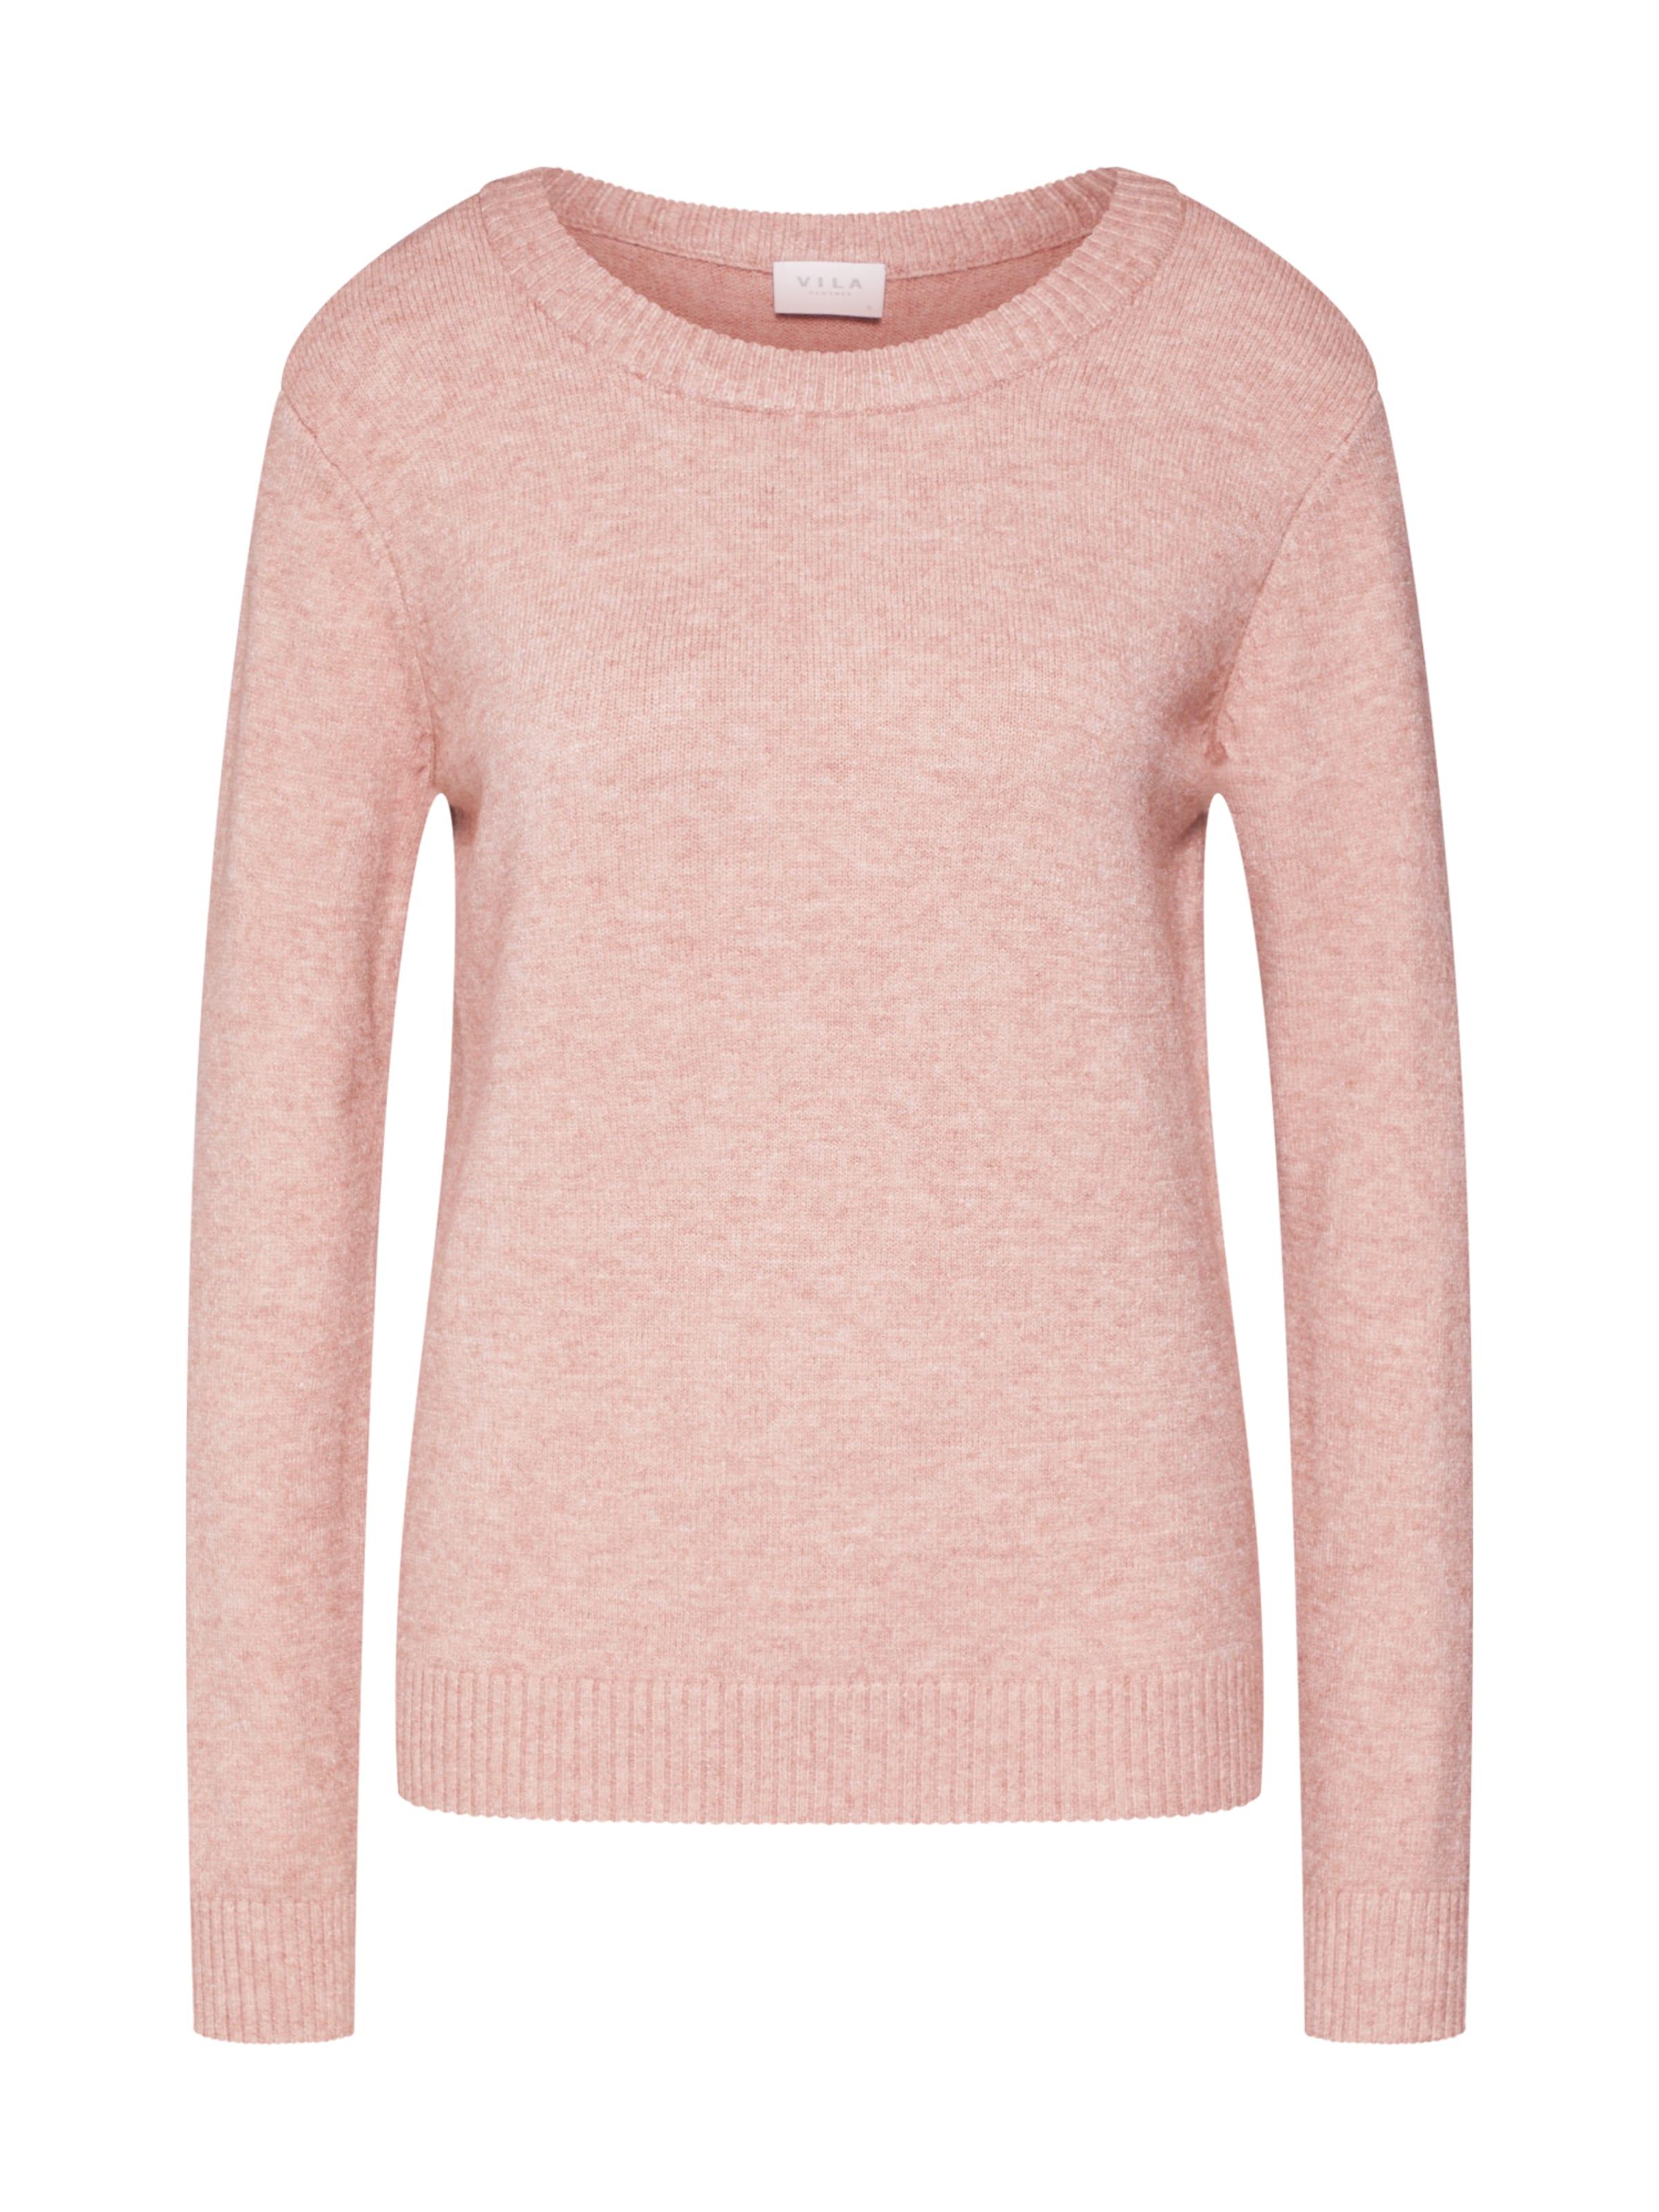 Pullover 'ril' Vila Pullover Rosé Pullover In Vila 'ril' In Rosé Vila EDYbWeH29I